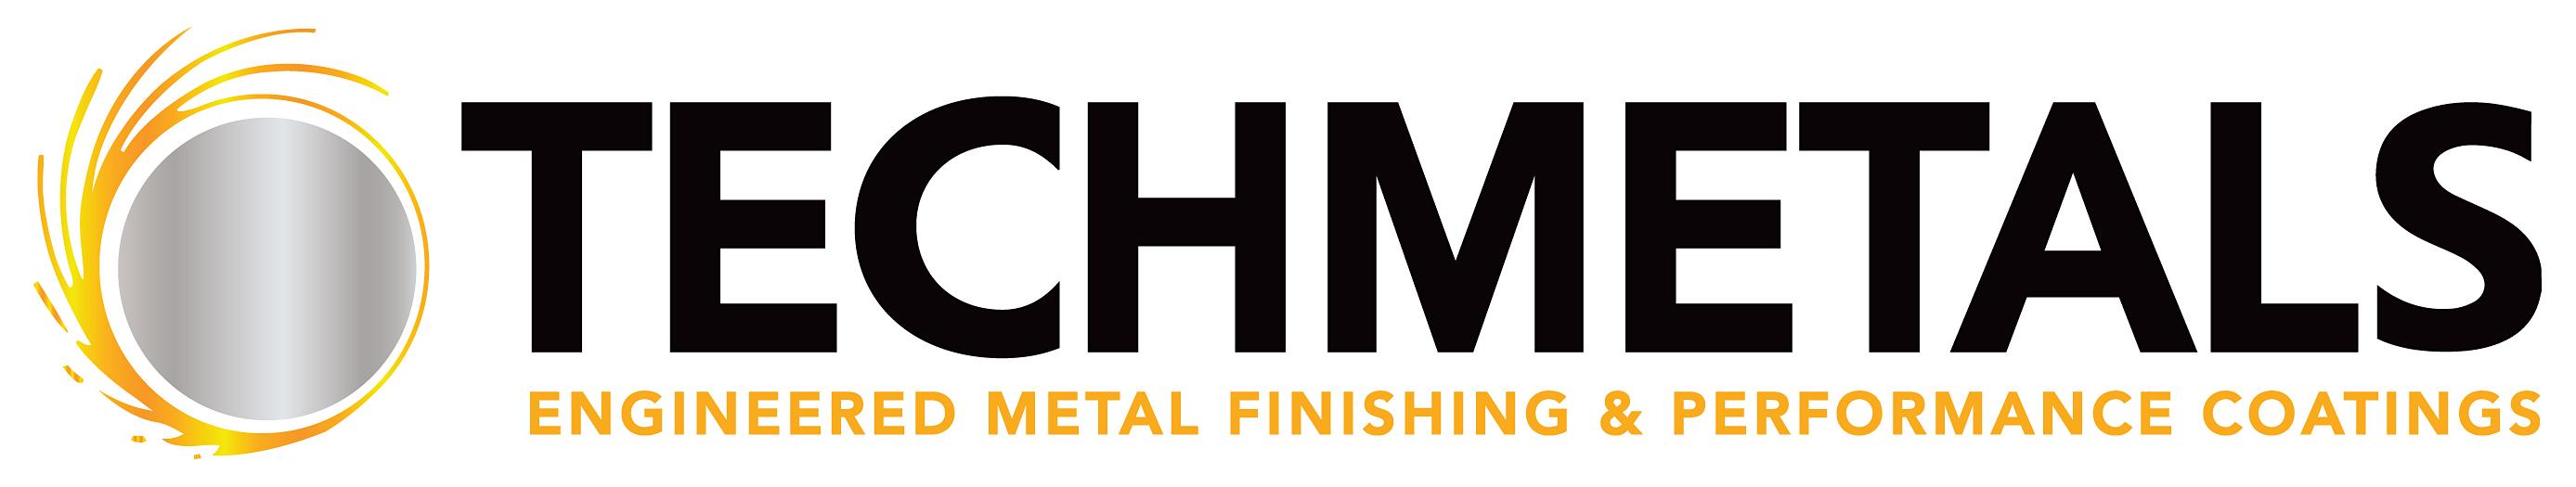 Techmetals logo